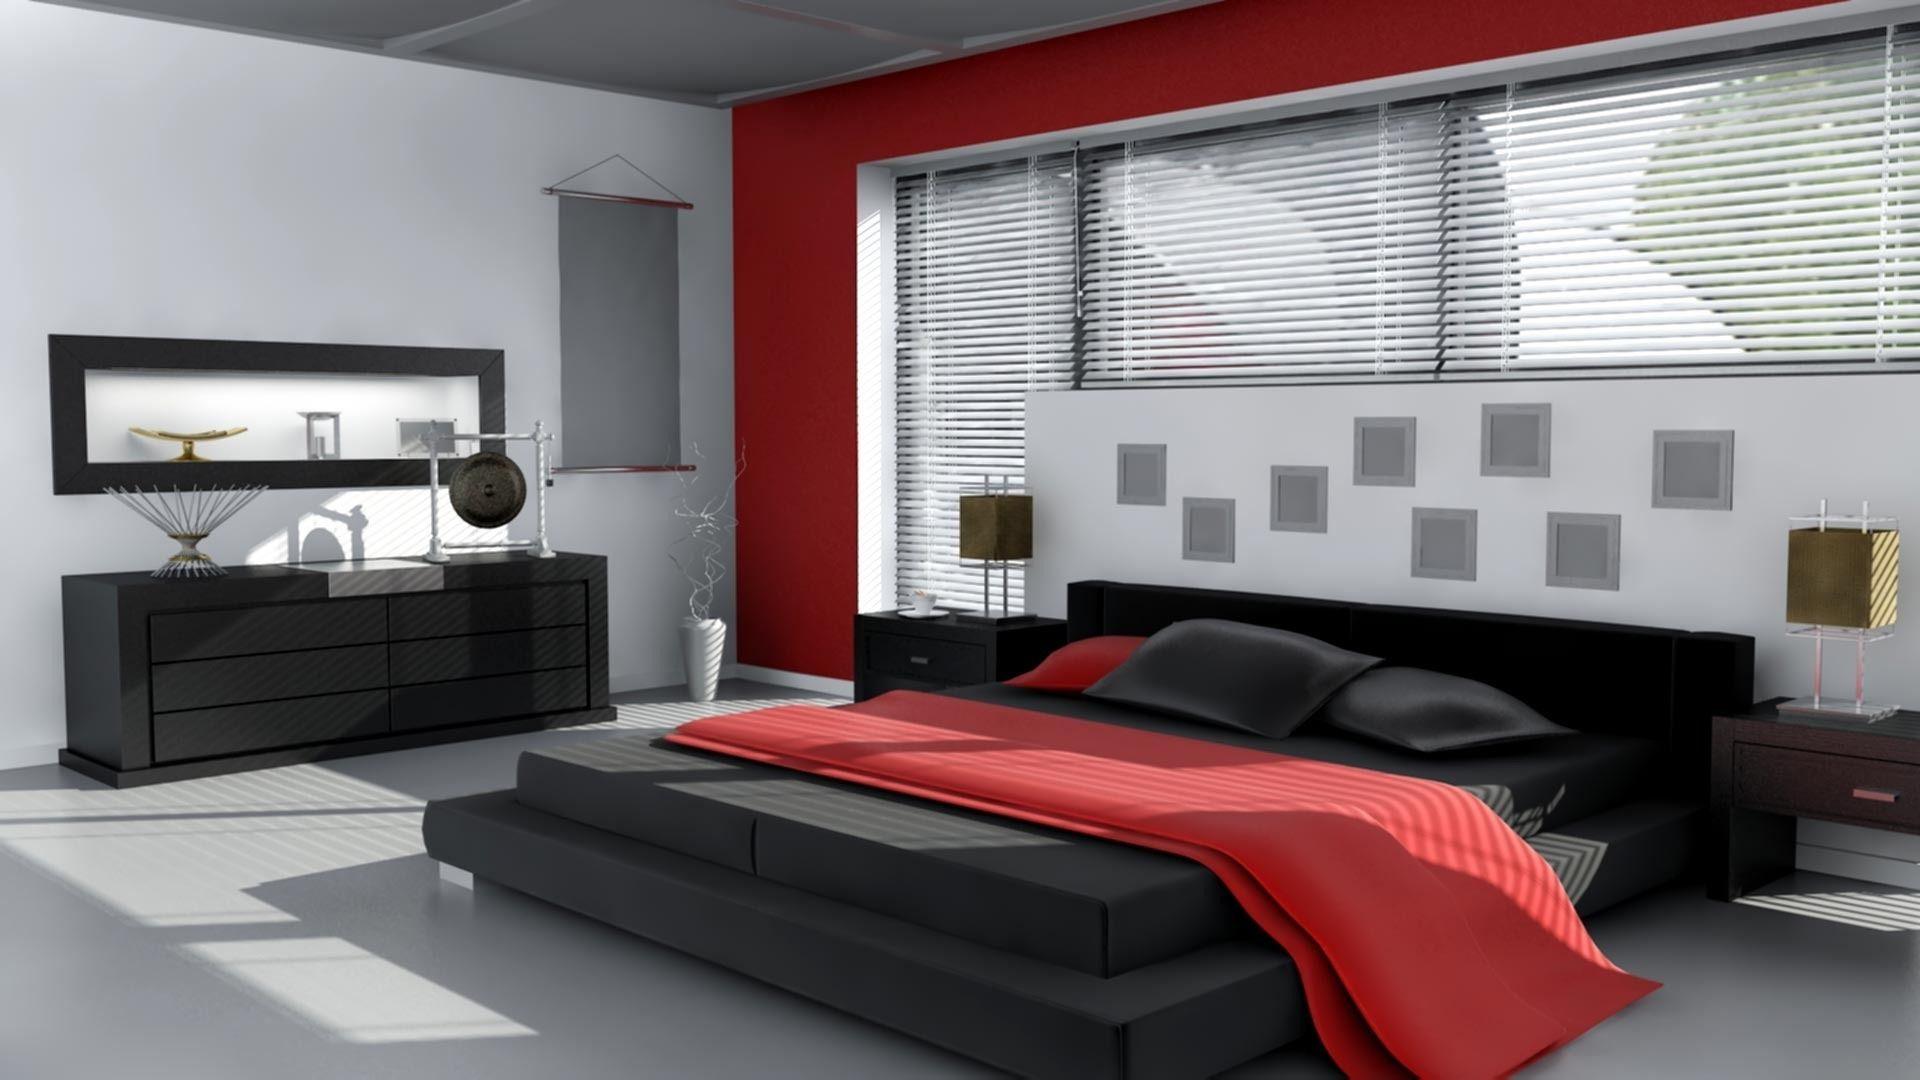 Pin Von Best Home Auf Bedrooms Schlafzimmerrenovierung Schlafzimmer Design Modernes Schlafzimmer Design